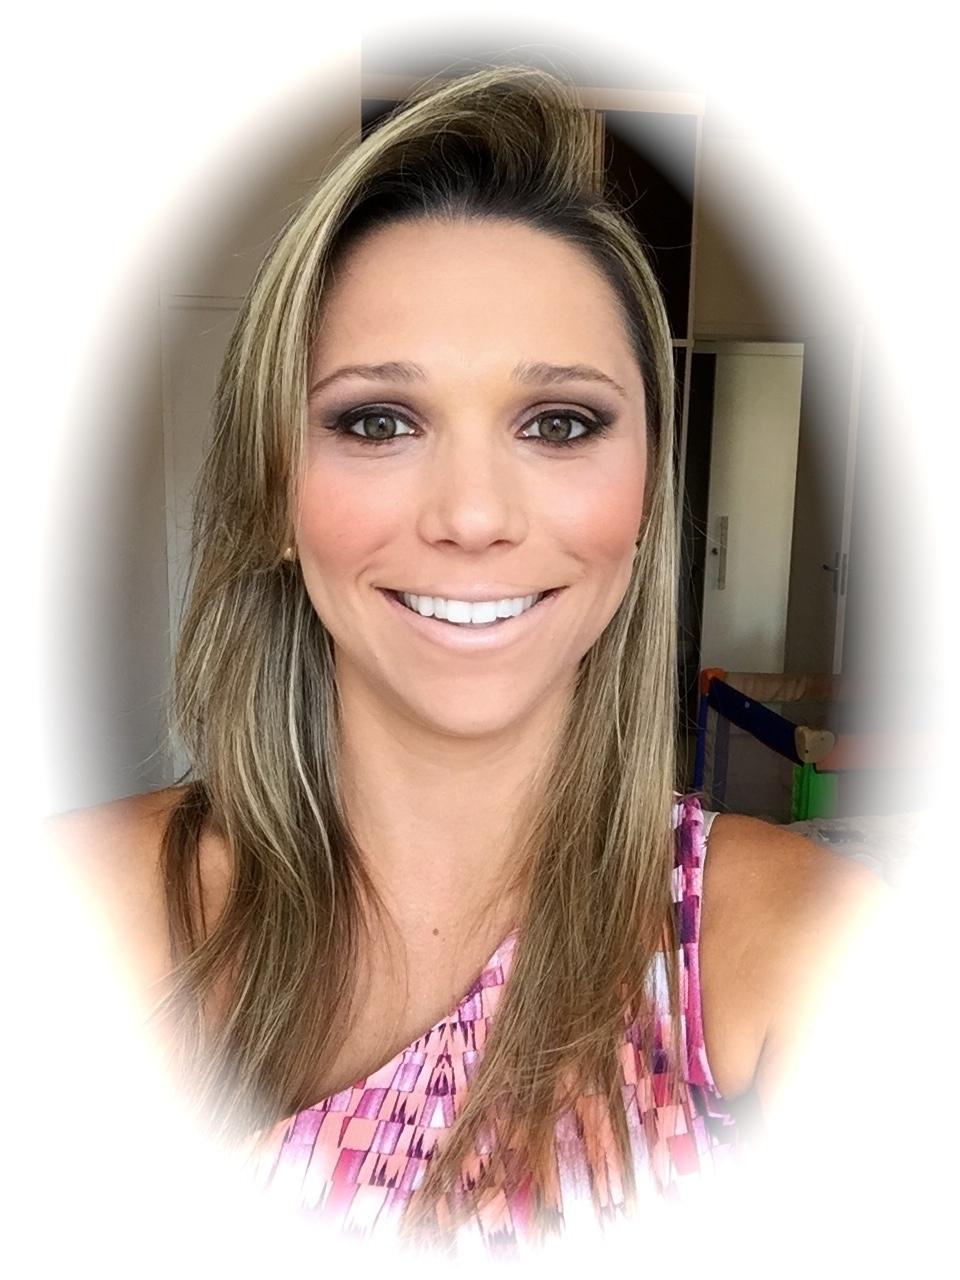 Modelo: Suellen Vianna Paula Benaion maquiador(a) empresário(a) / dono de negócio